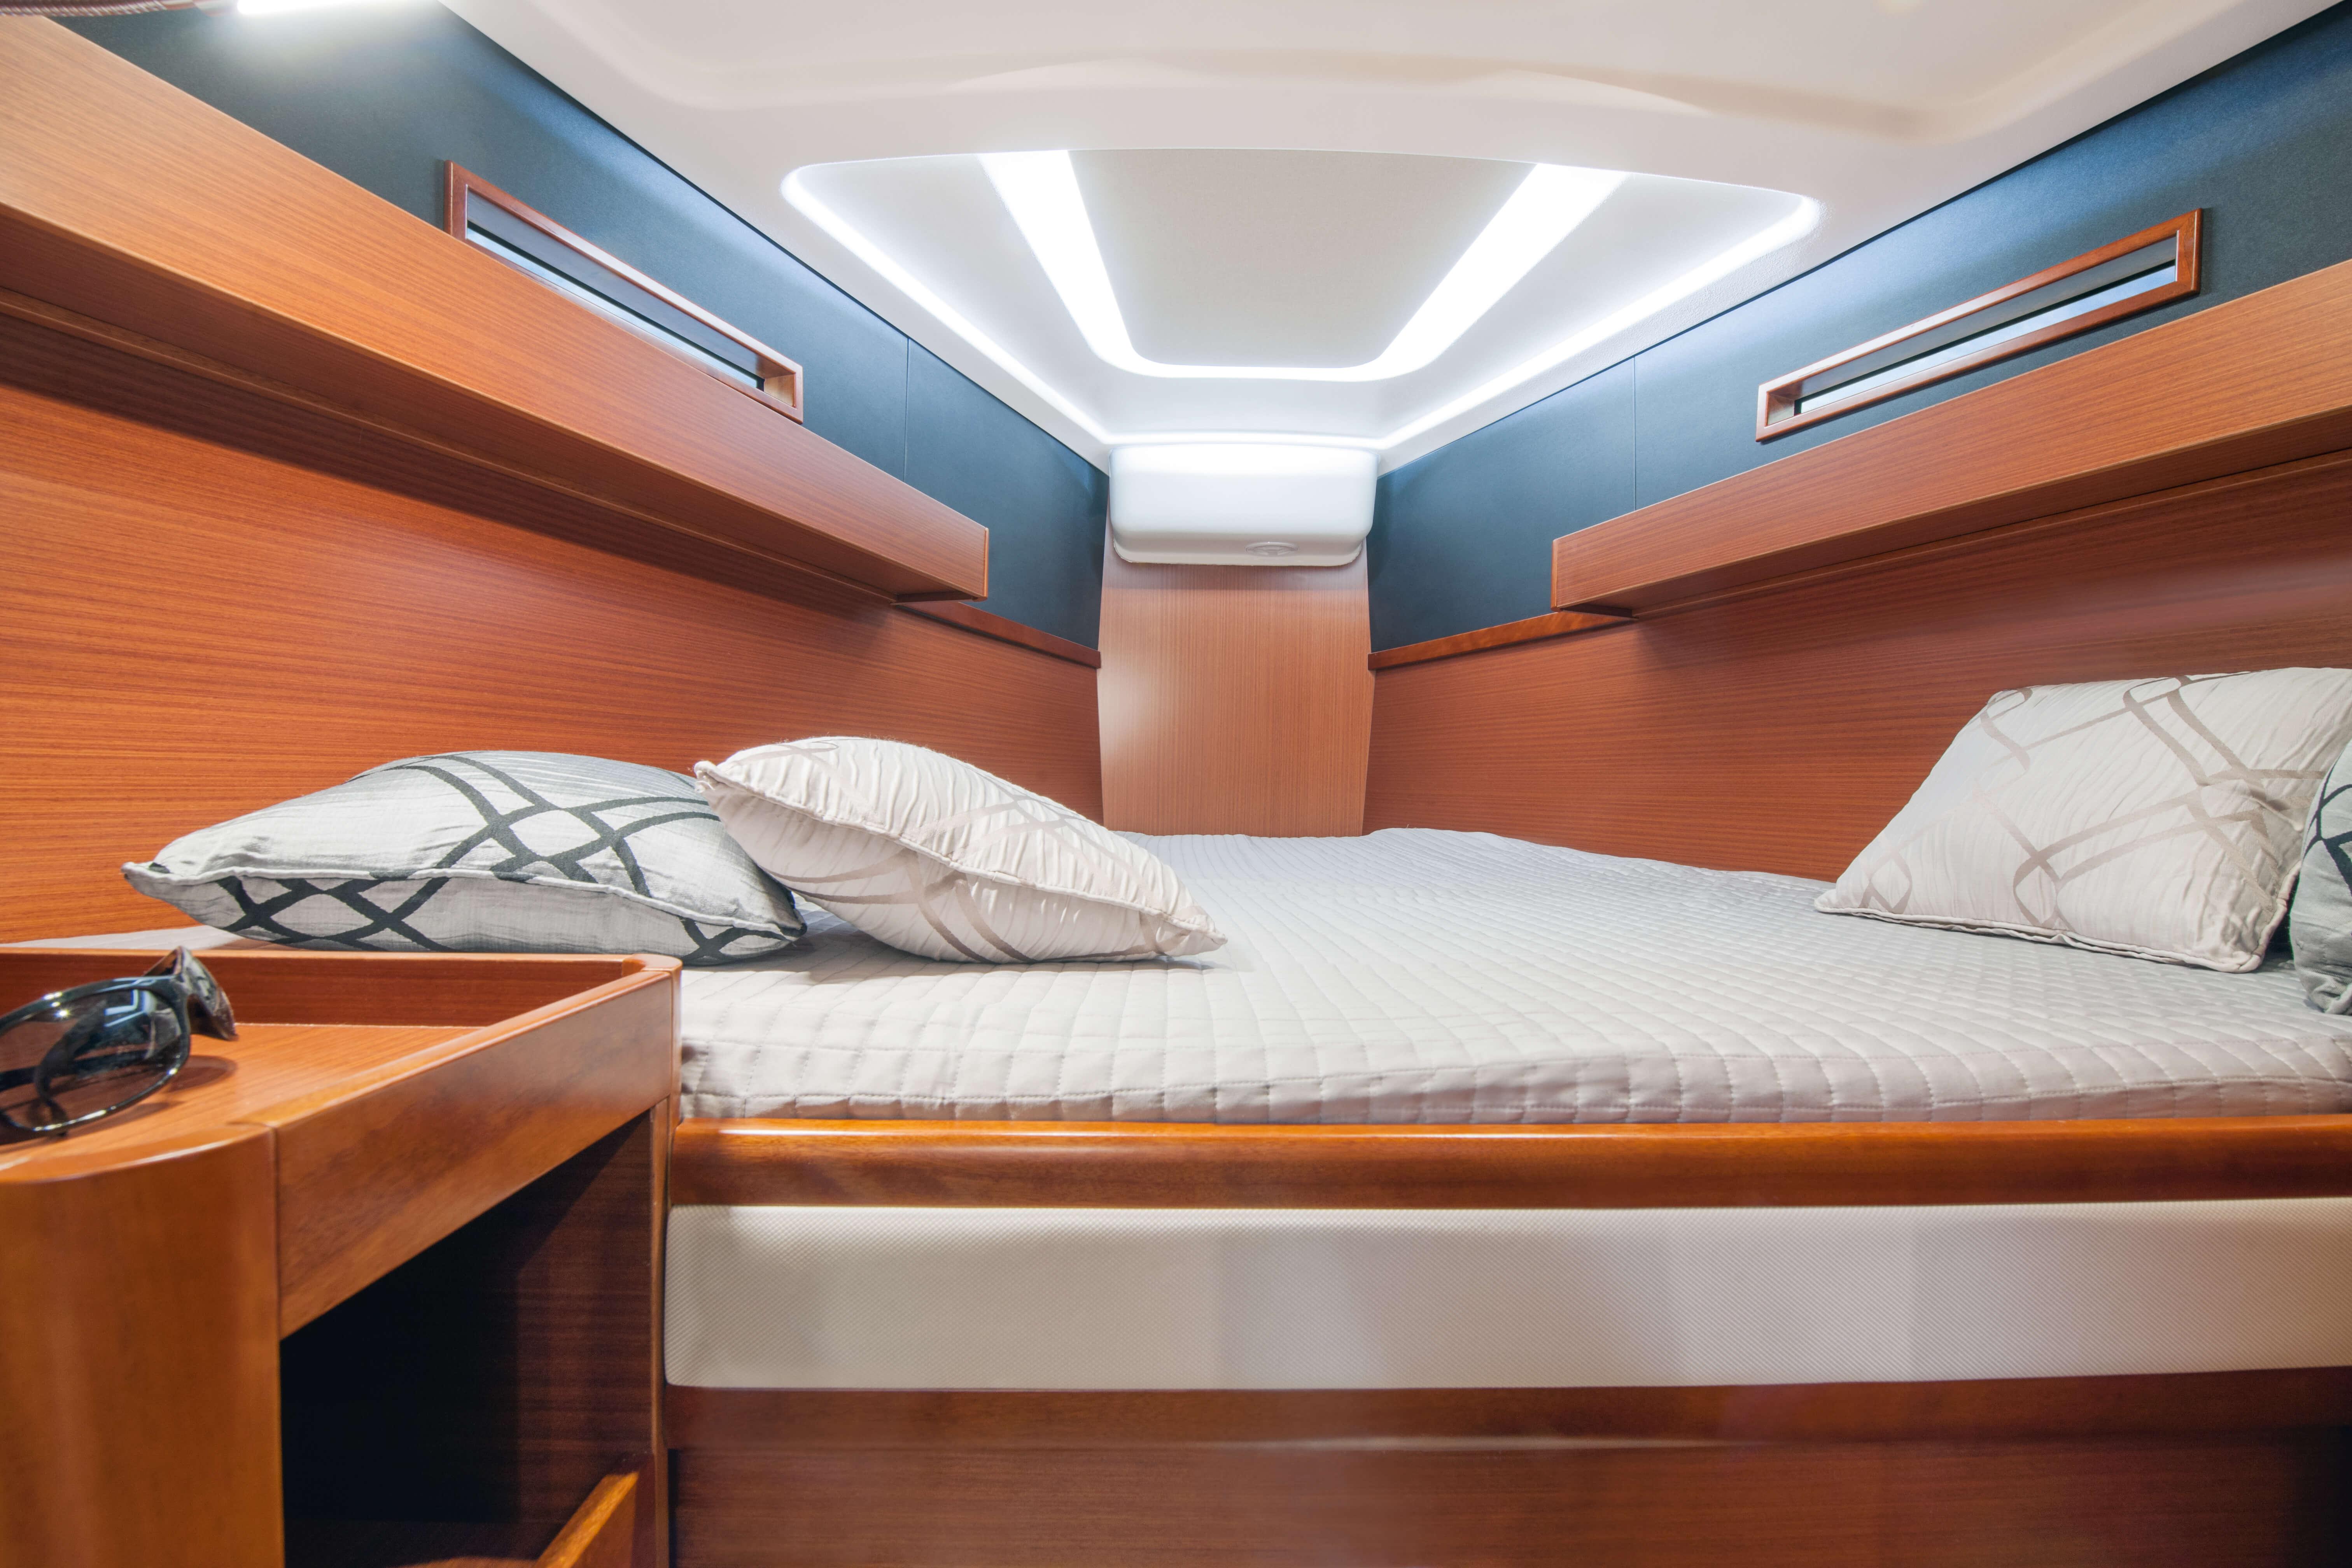 Dehler 42 Intérieur cabin de proue | A2 Layout: nublot de pont, grand lit, compartiment de rangement, mahogany | Dehler